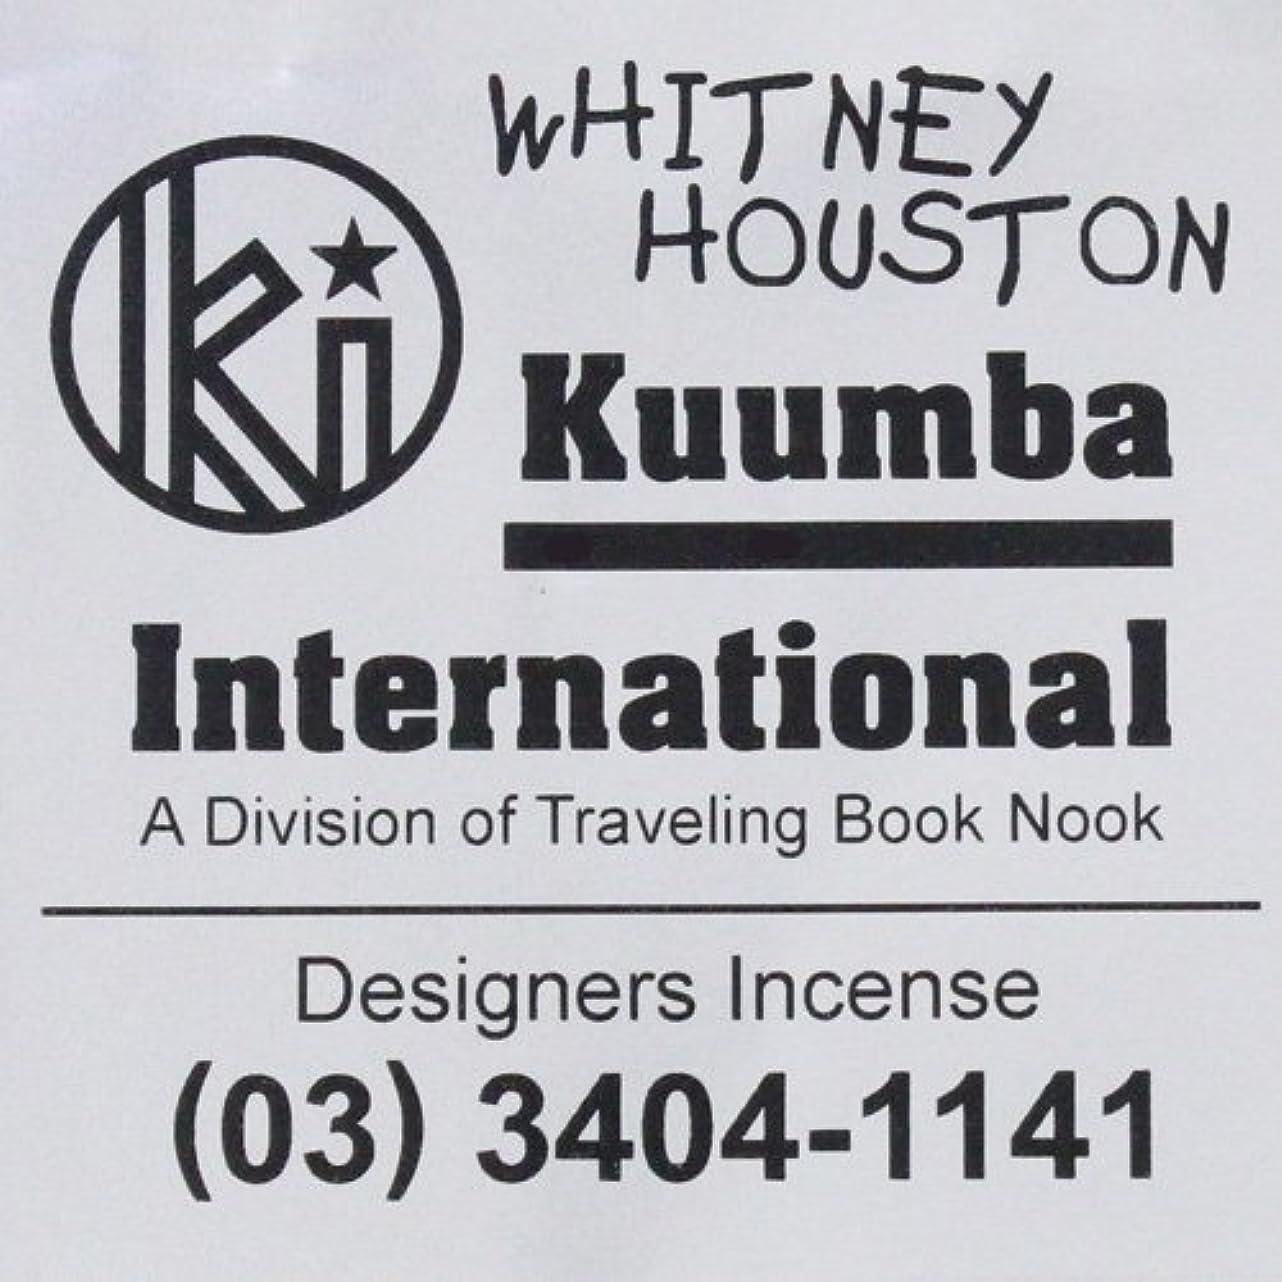 聡明環境に優しいメトリックKUUMBA (クンバ)『incense』(WHITNEY HOUSTON) (Regular size)